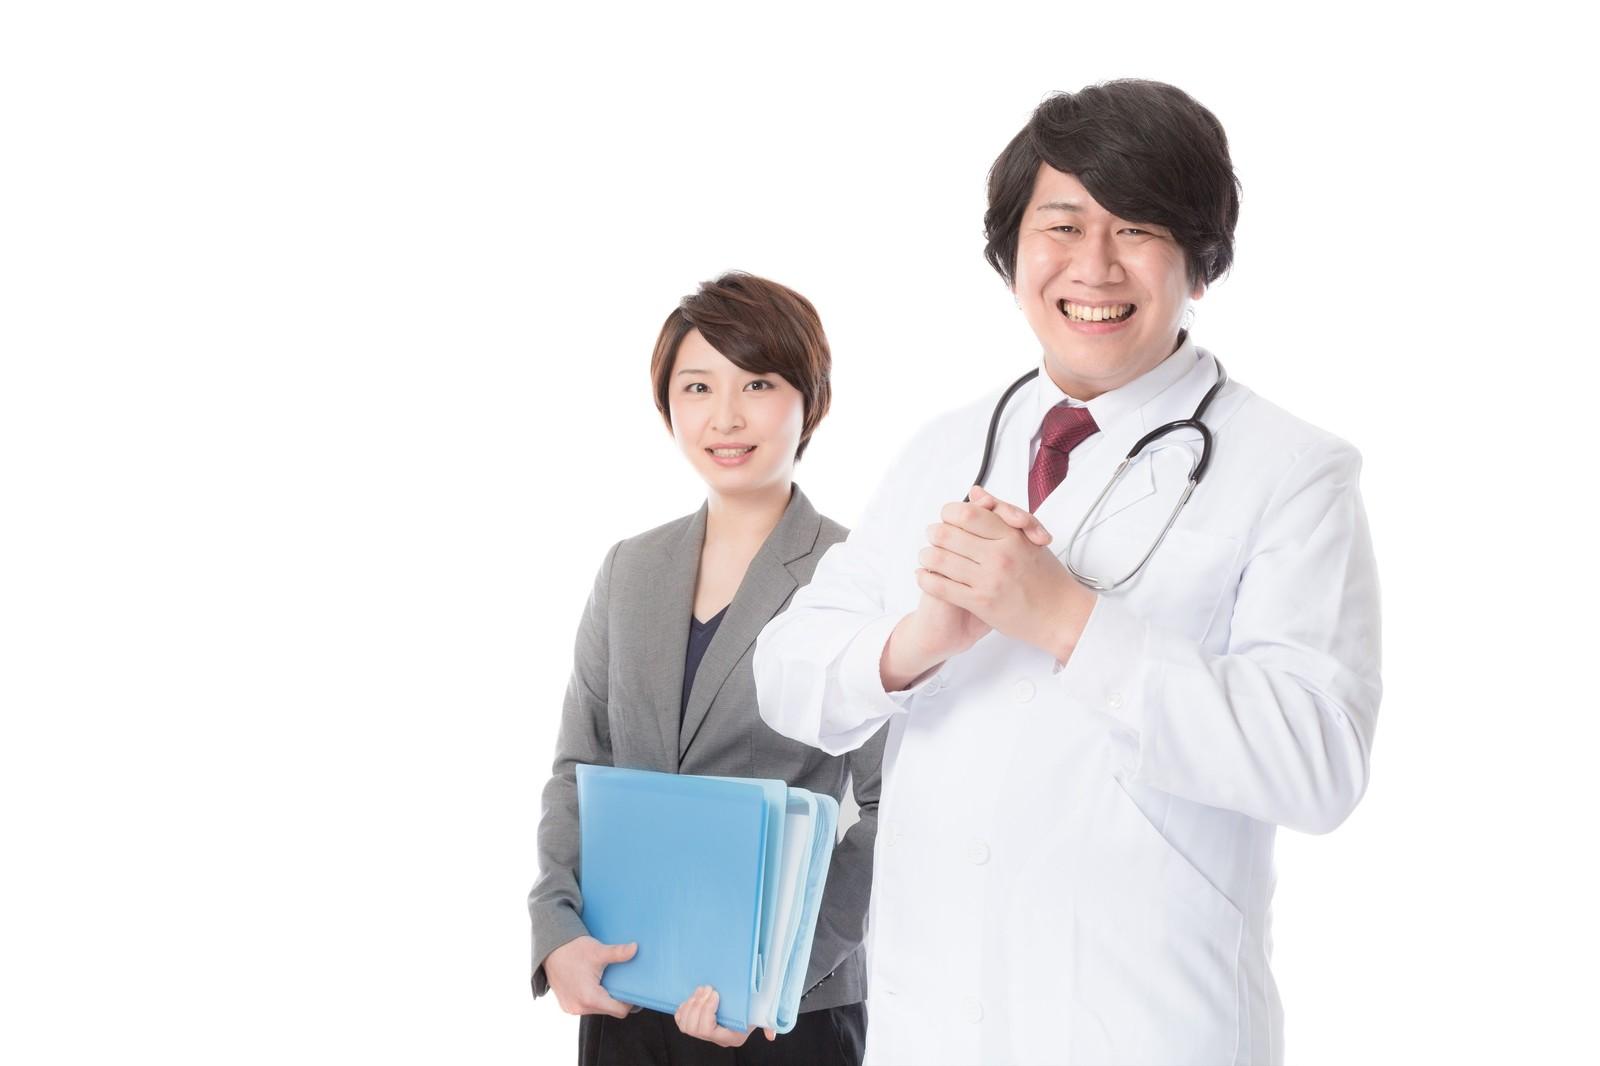 抗がん剤治療の費用は60万円以上!?絶対に知っておきたいその内容!